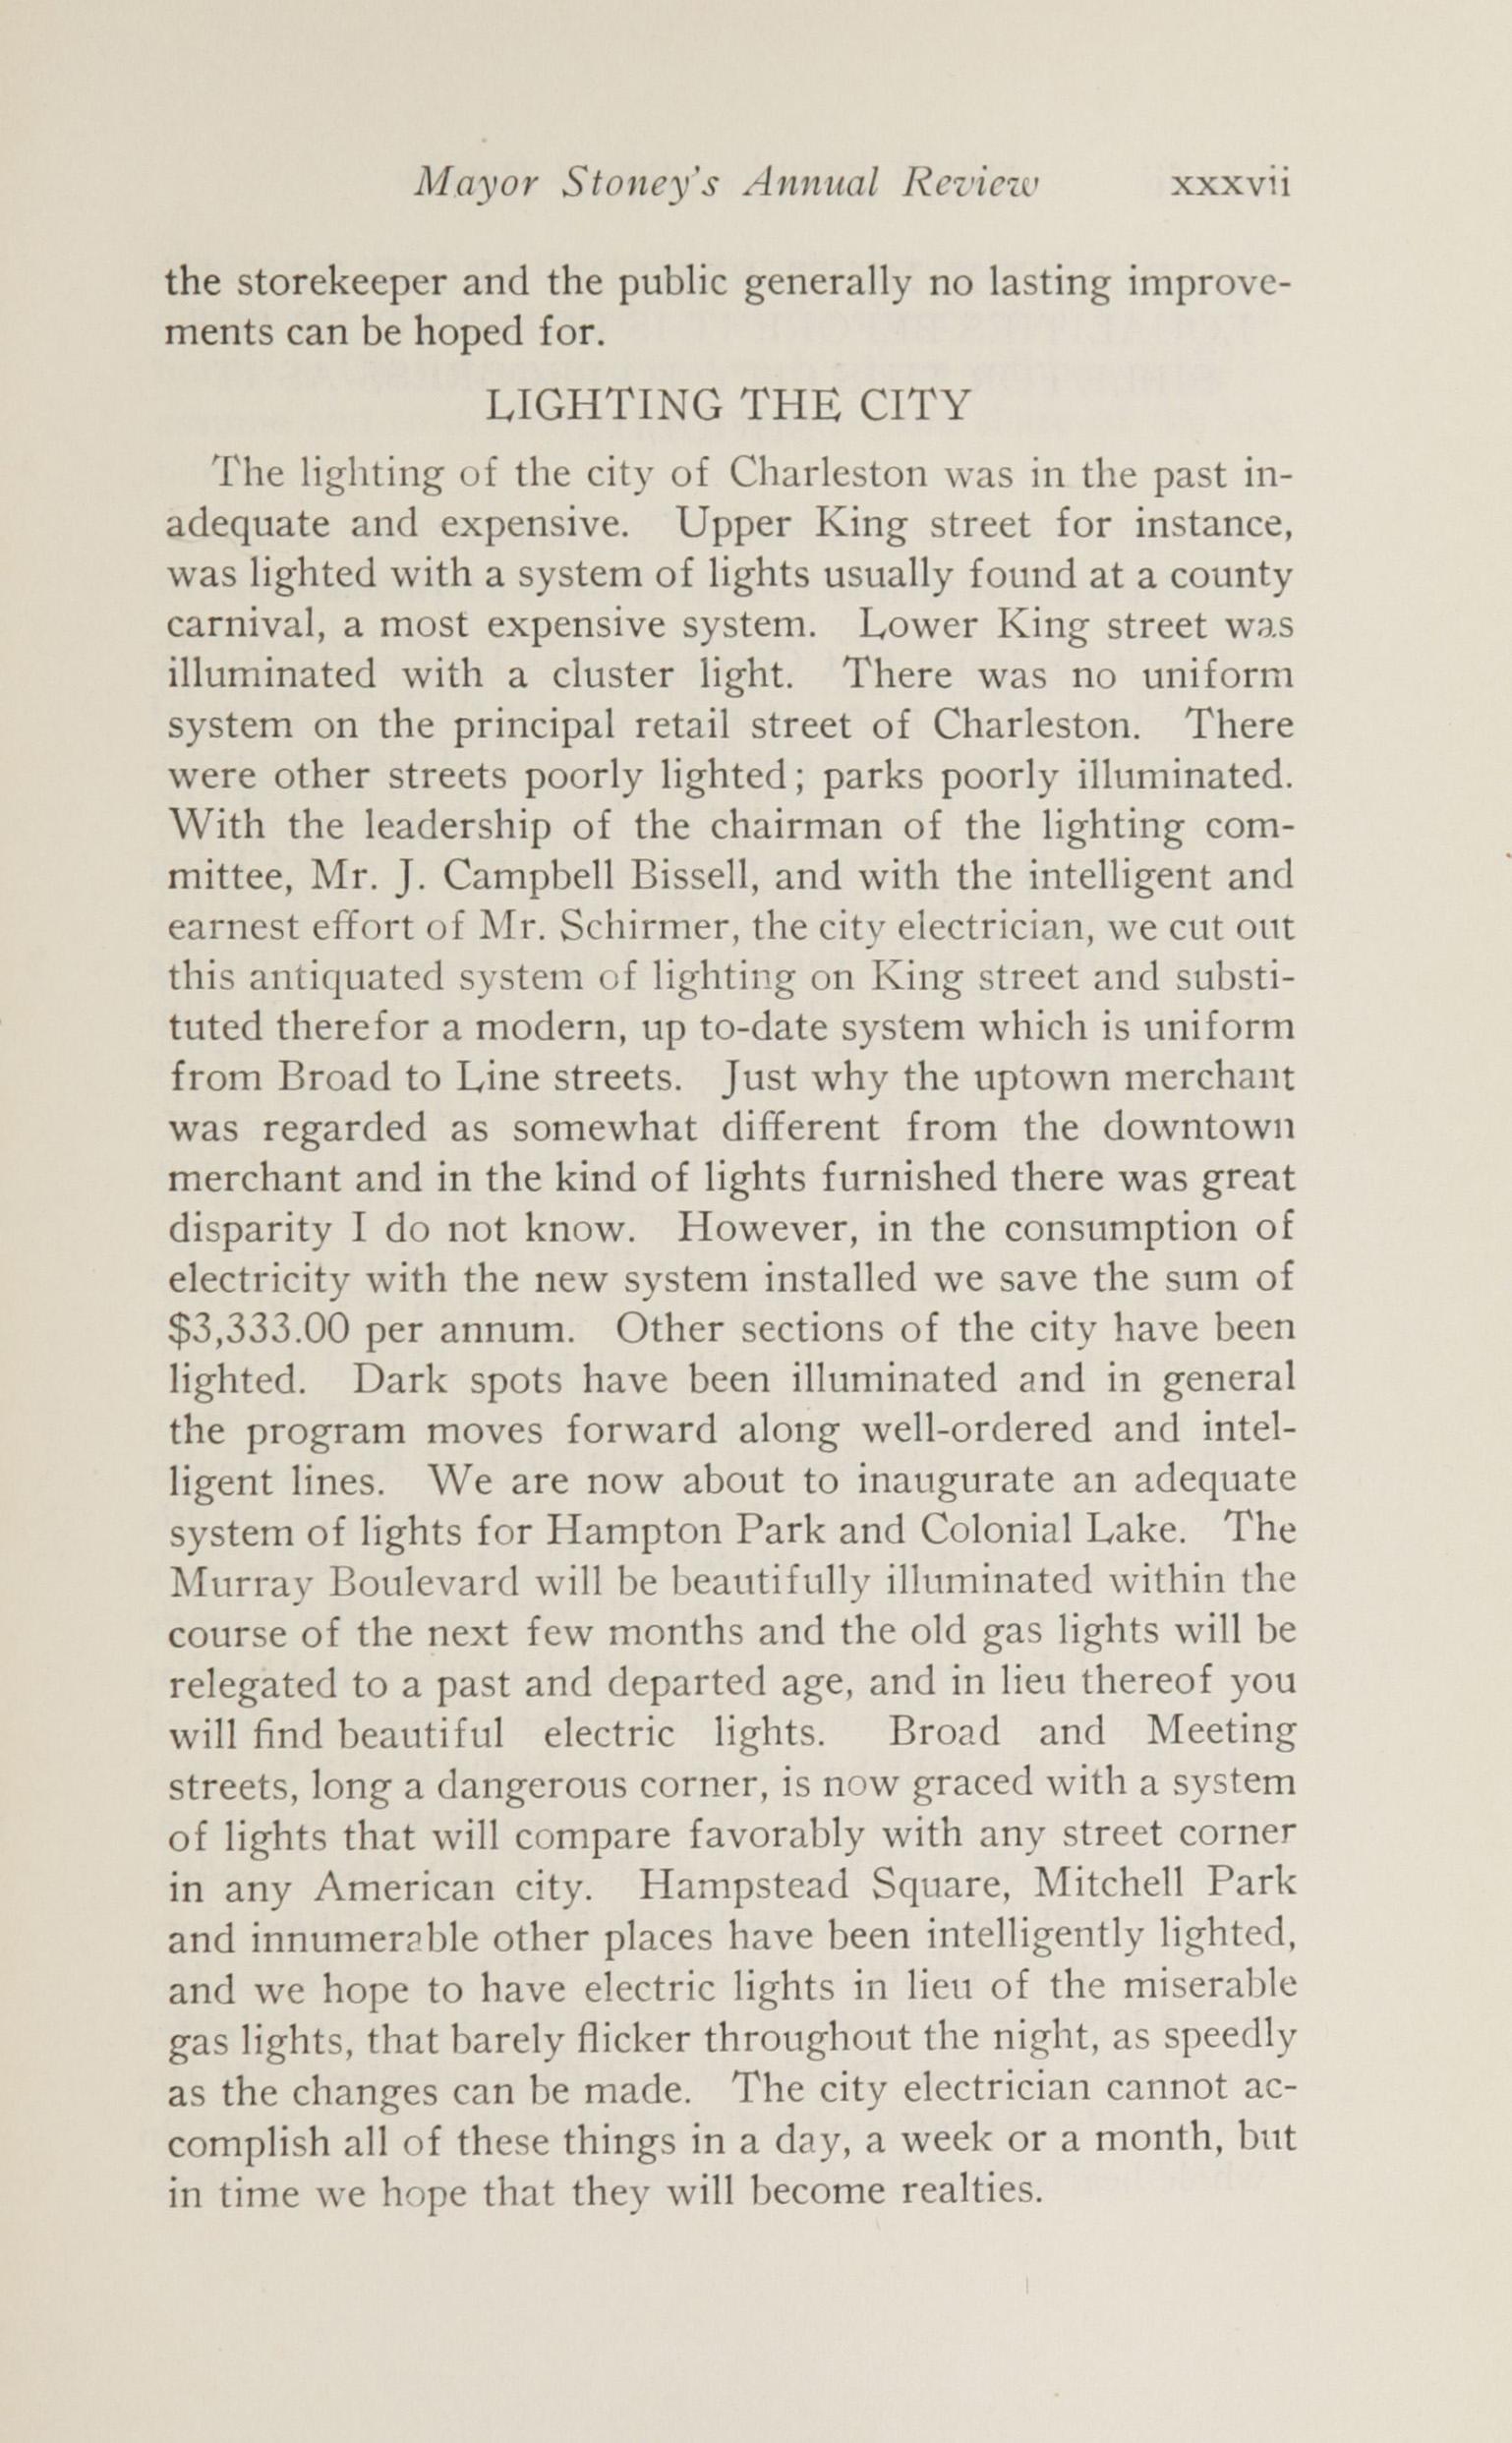 Charleston Yearbook, 1924, page xxxvii